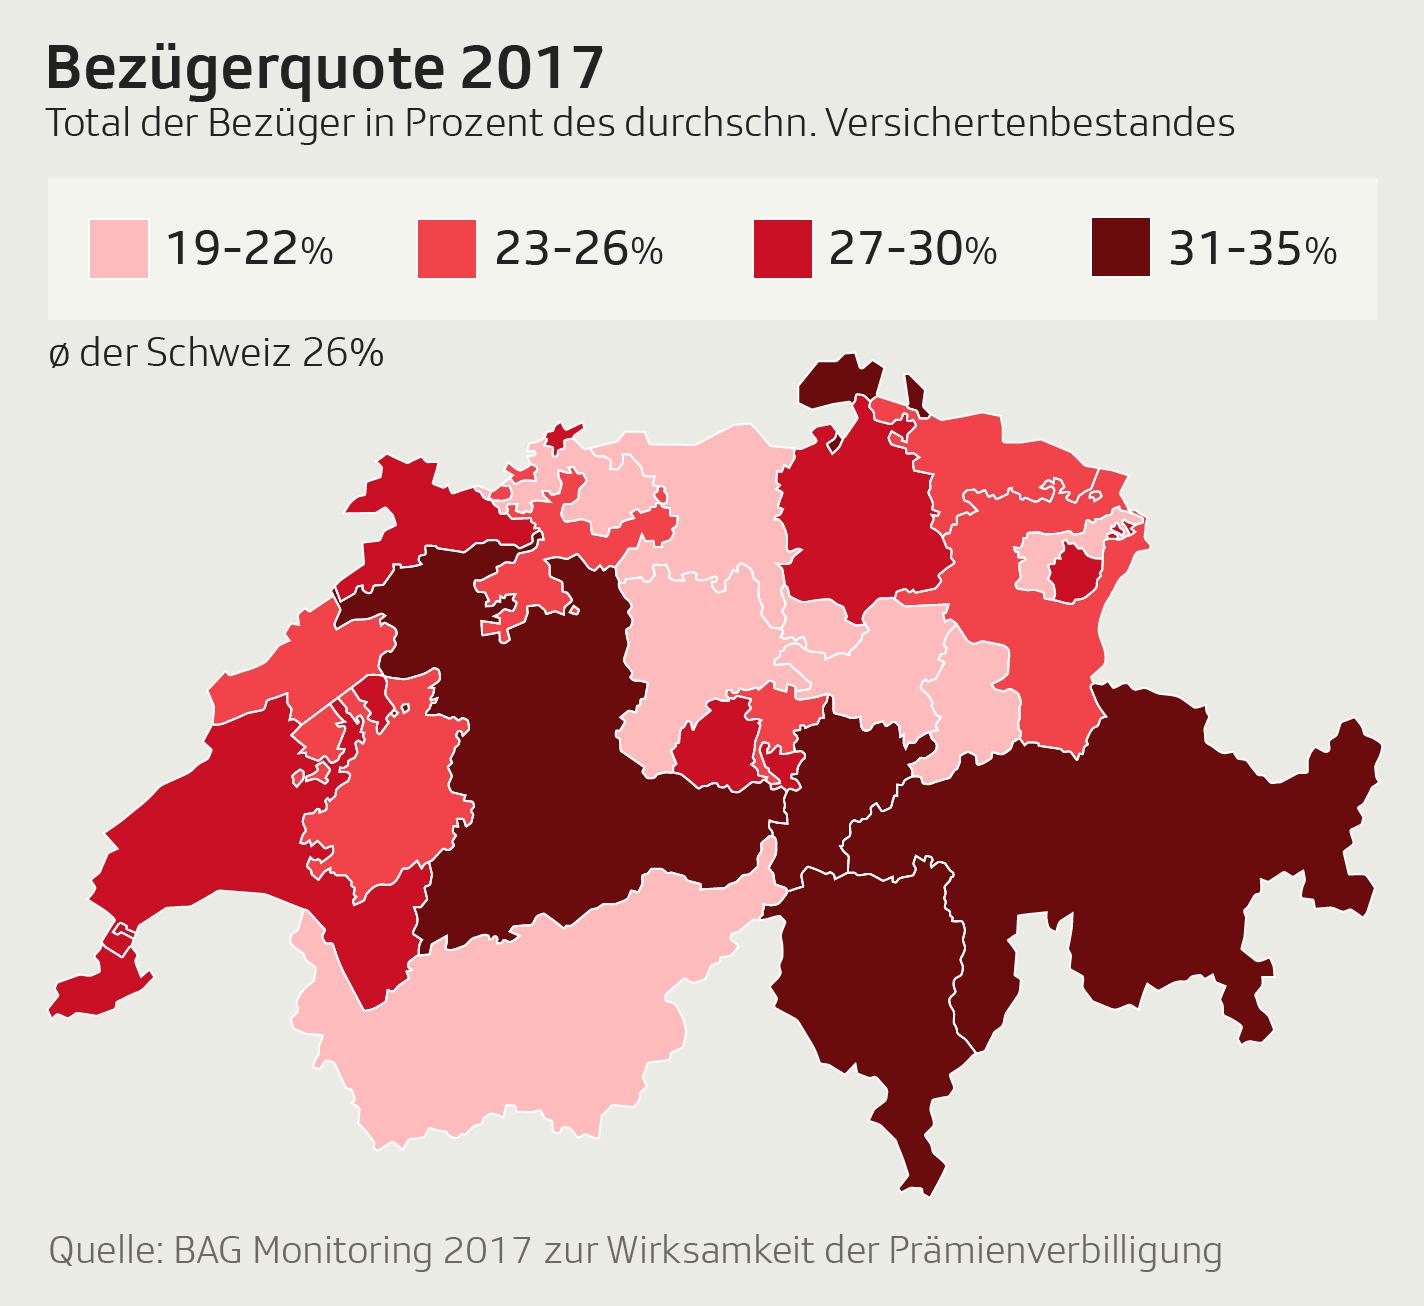 Karte der Schweiz mit farblicher Unterscheidung der Kantone nach Höhe der Bezieher der Prämienverbilligung